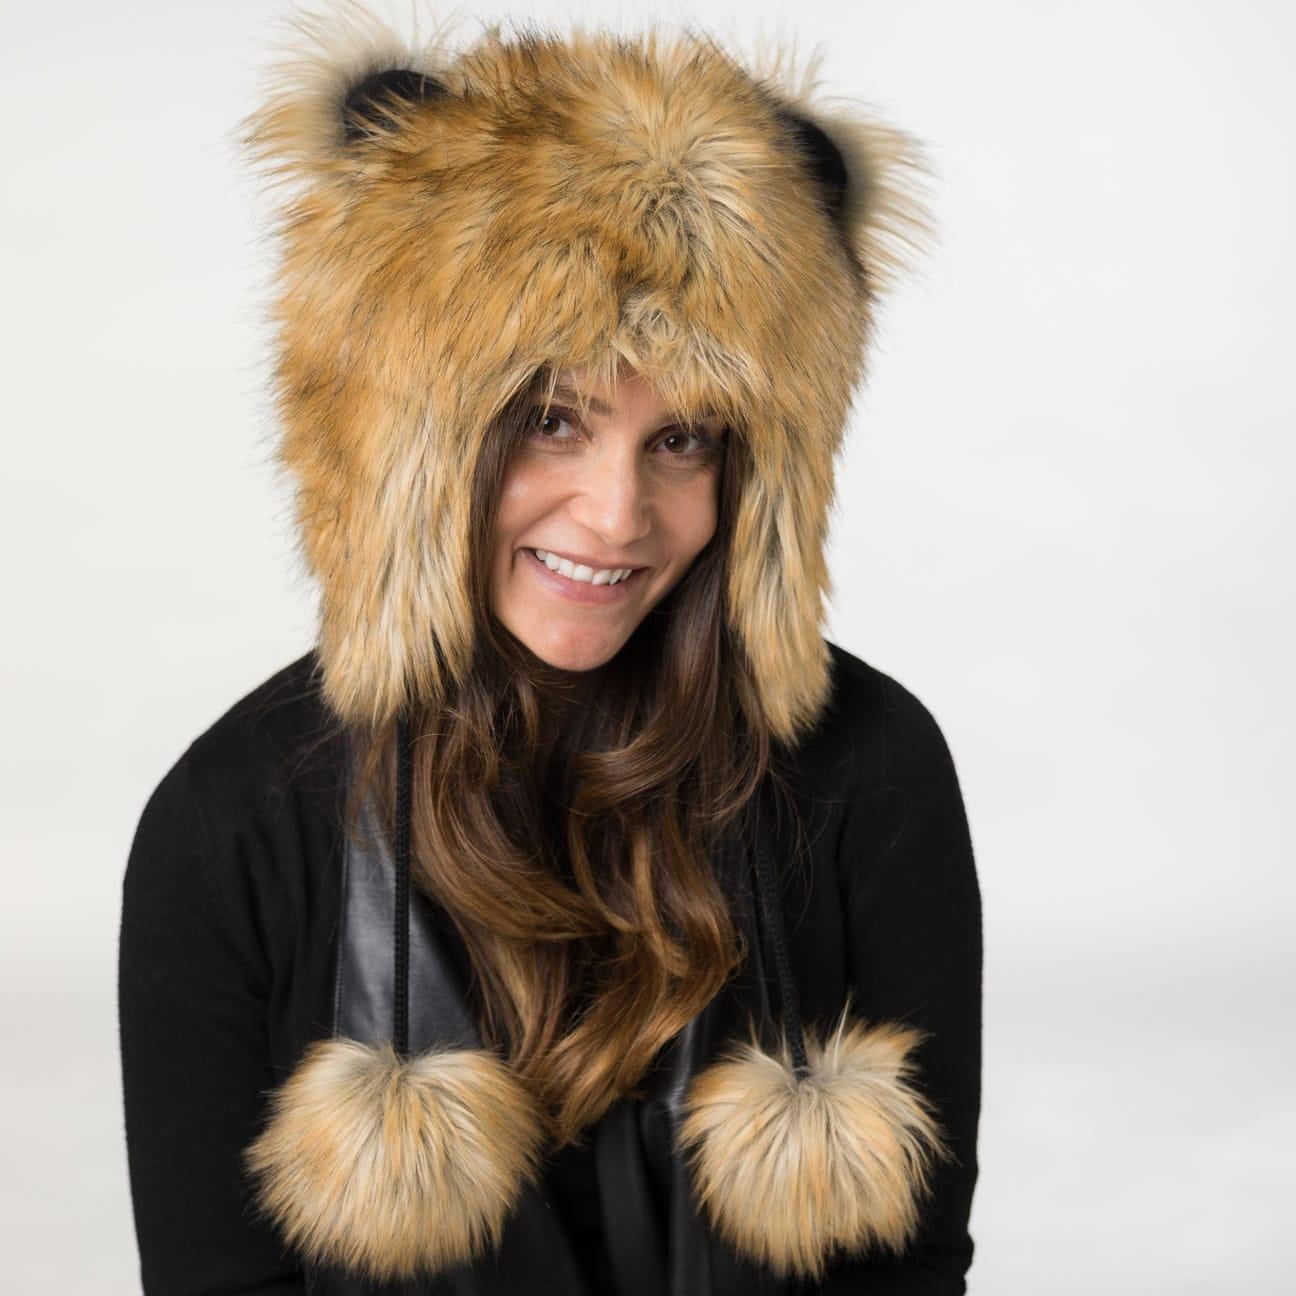 ... Lion Fake Fur Hat by Eisbär 2 ... 5493ad8b02a